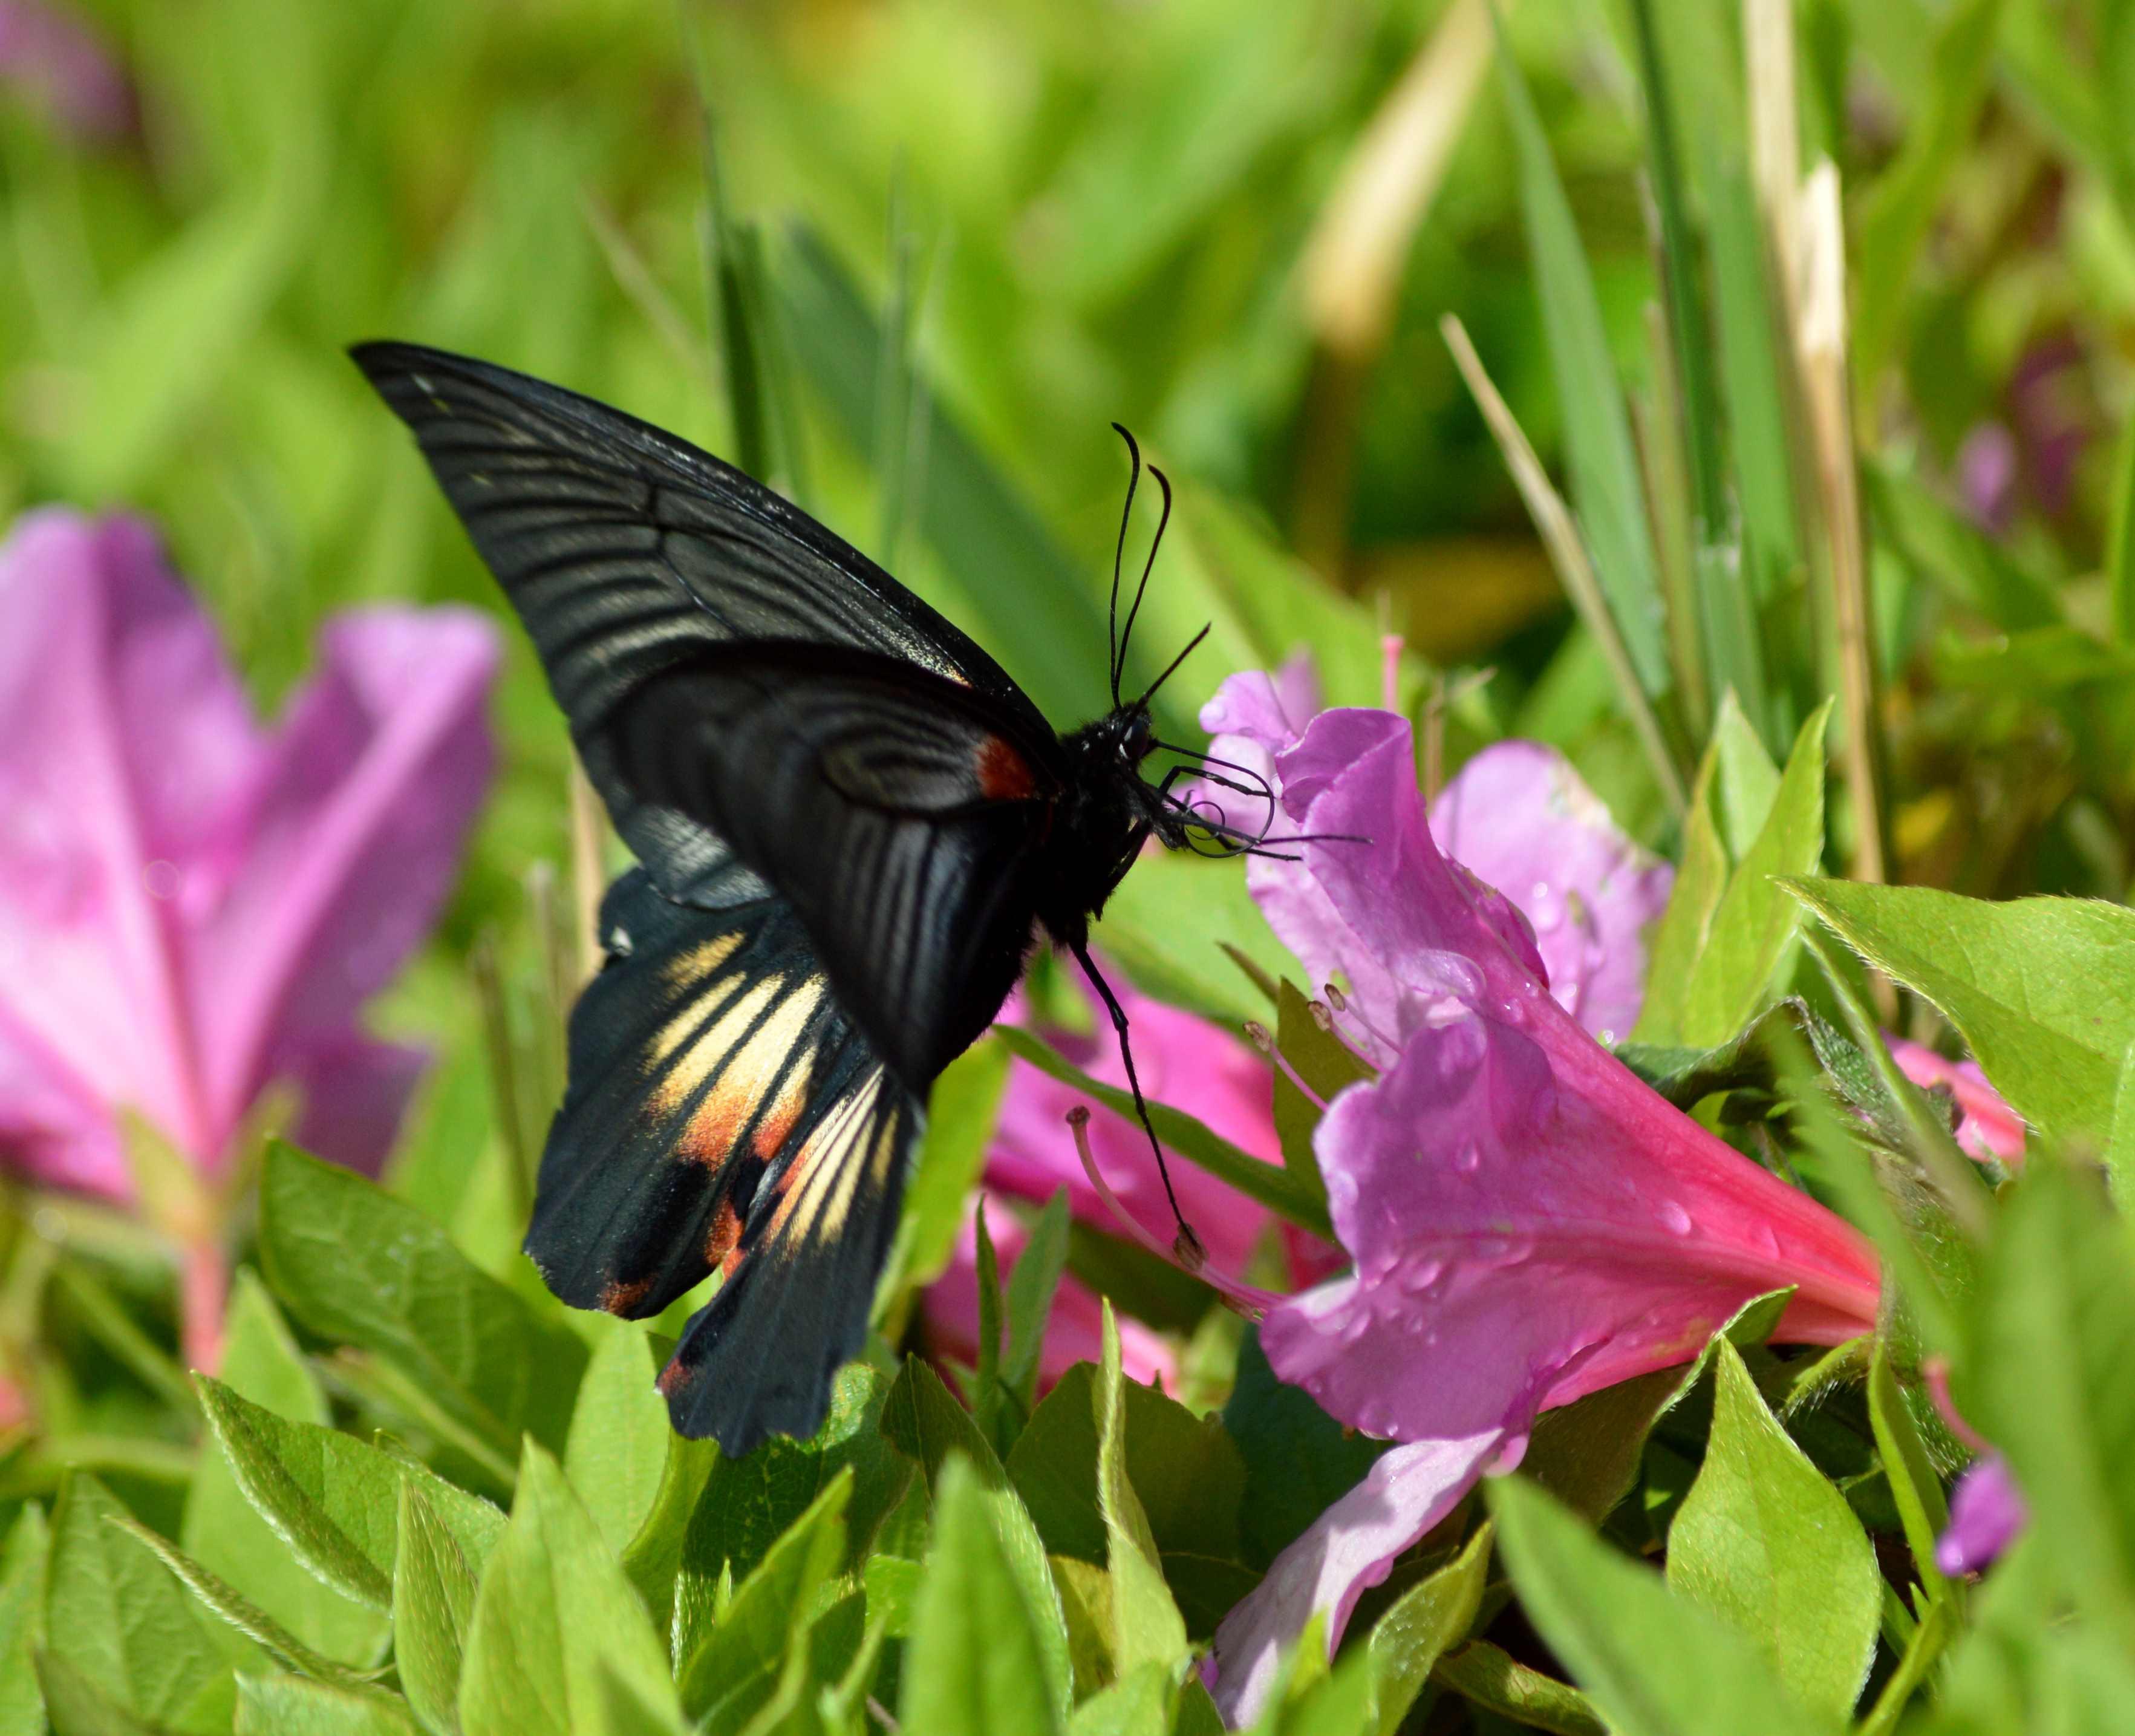 ナガサキアゲハ 5月2日ツツジの咲く公園にて_d0254540_17102458.jpg